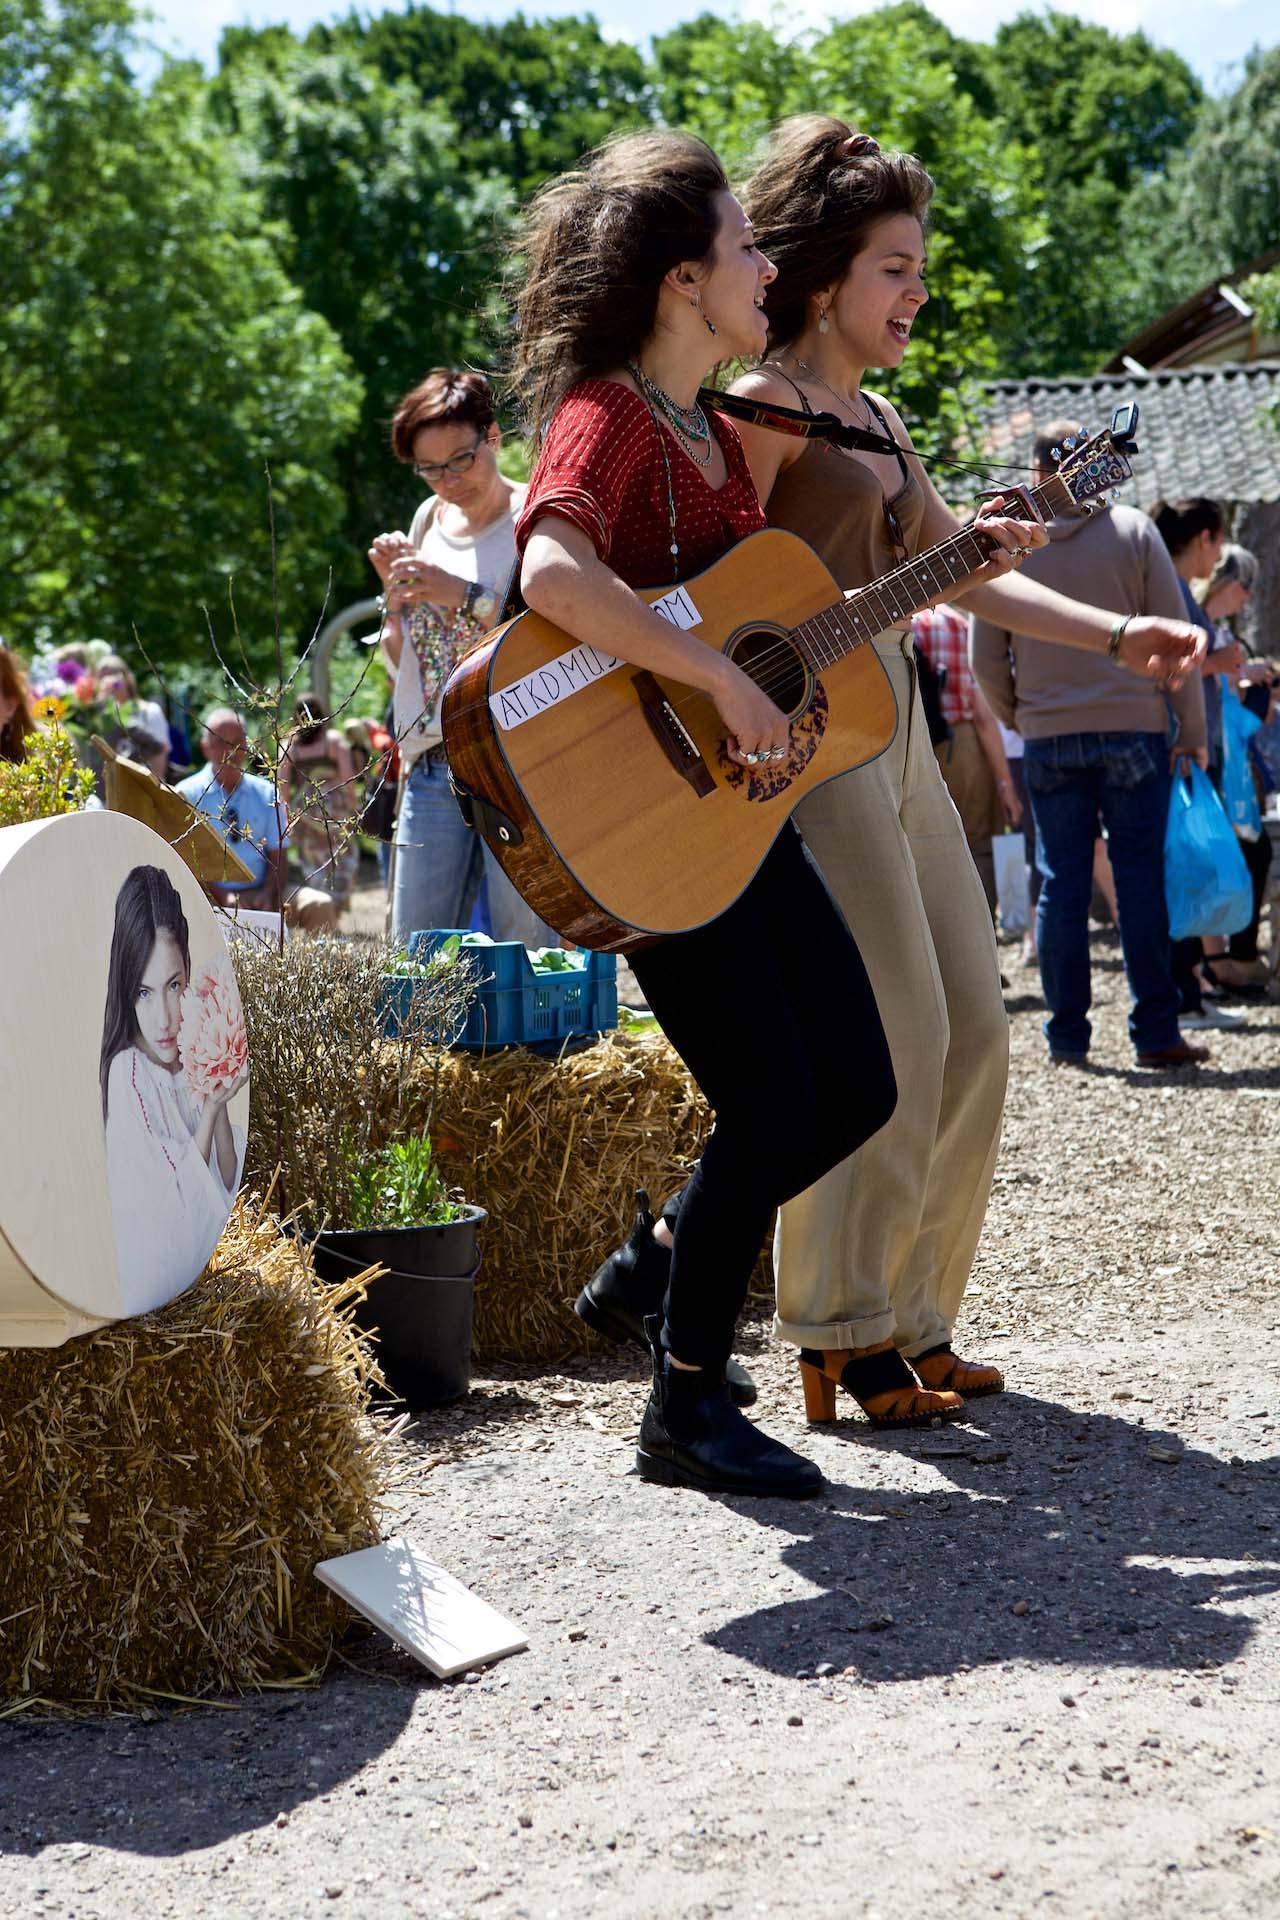 ATKD live muziek tweeling buiten zingen afscheidsceremonie uitvaart1001lichtjes inspiratie rouwmuziek